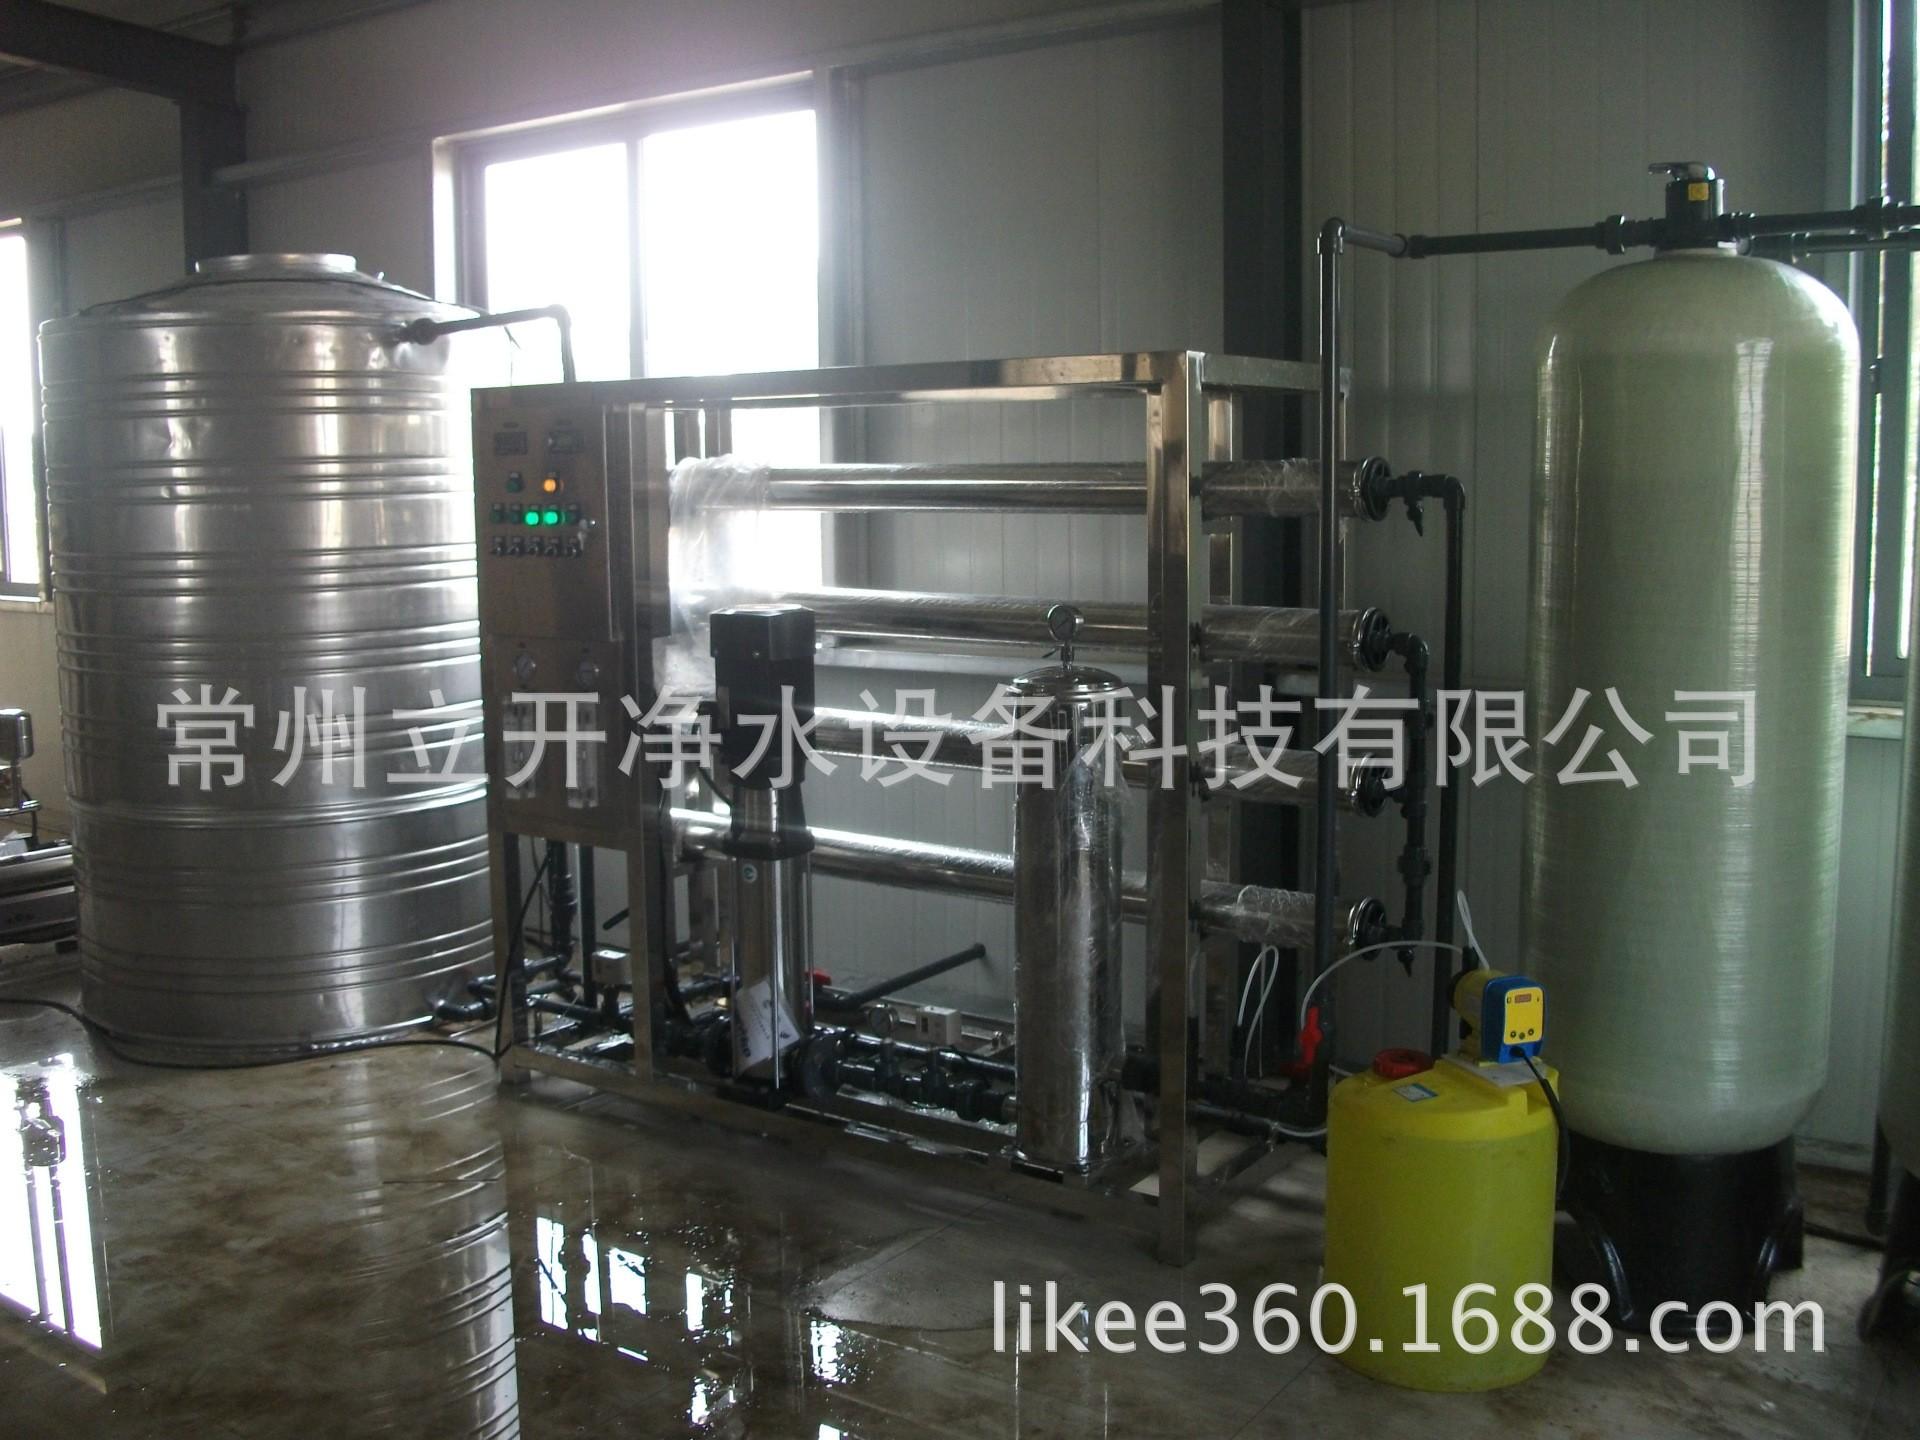 2吨反渗透水杀菌消毒设备 消毒杀菌设备